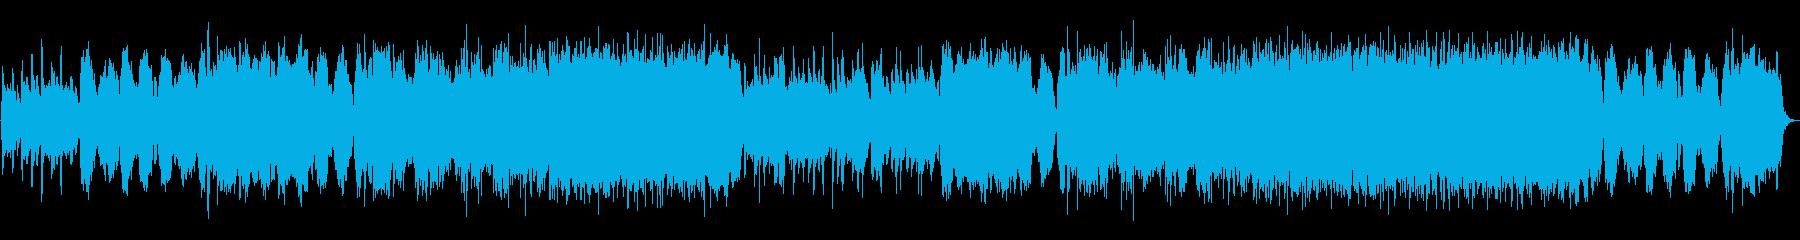 ヴァイオリンとピアノ中心でゆったりめの再生済みの波形